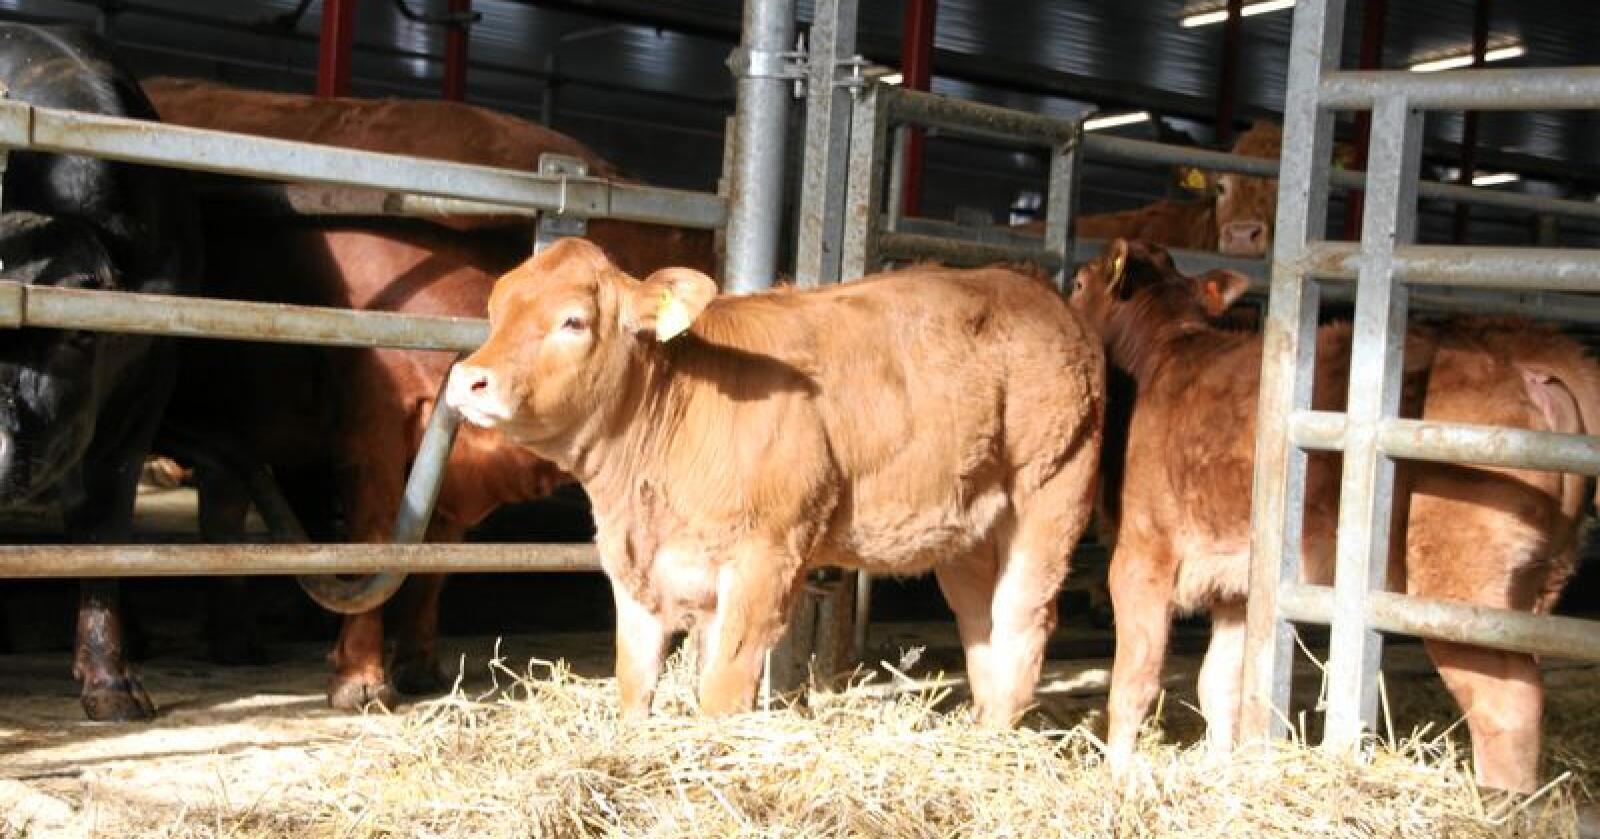 Feilplassert: 4 av 10 ammekyr finnes i korndyrkingsområder, skriver innsenderen. Foto: Lars Bilit Hagen